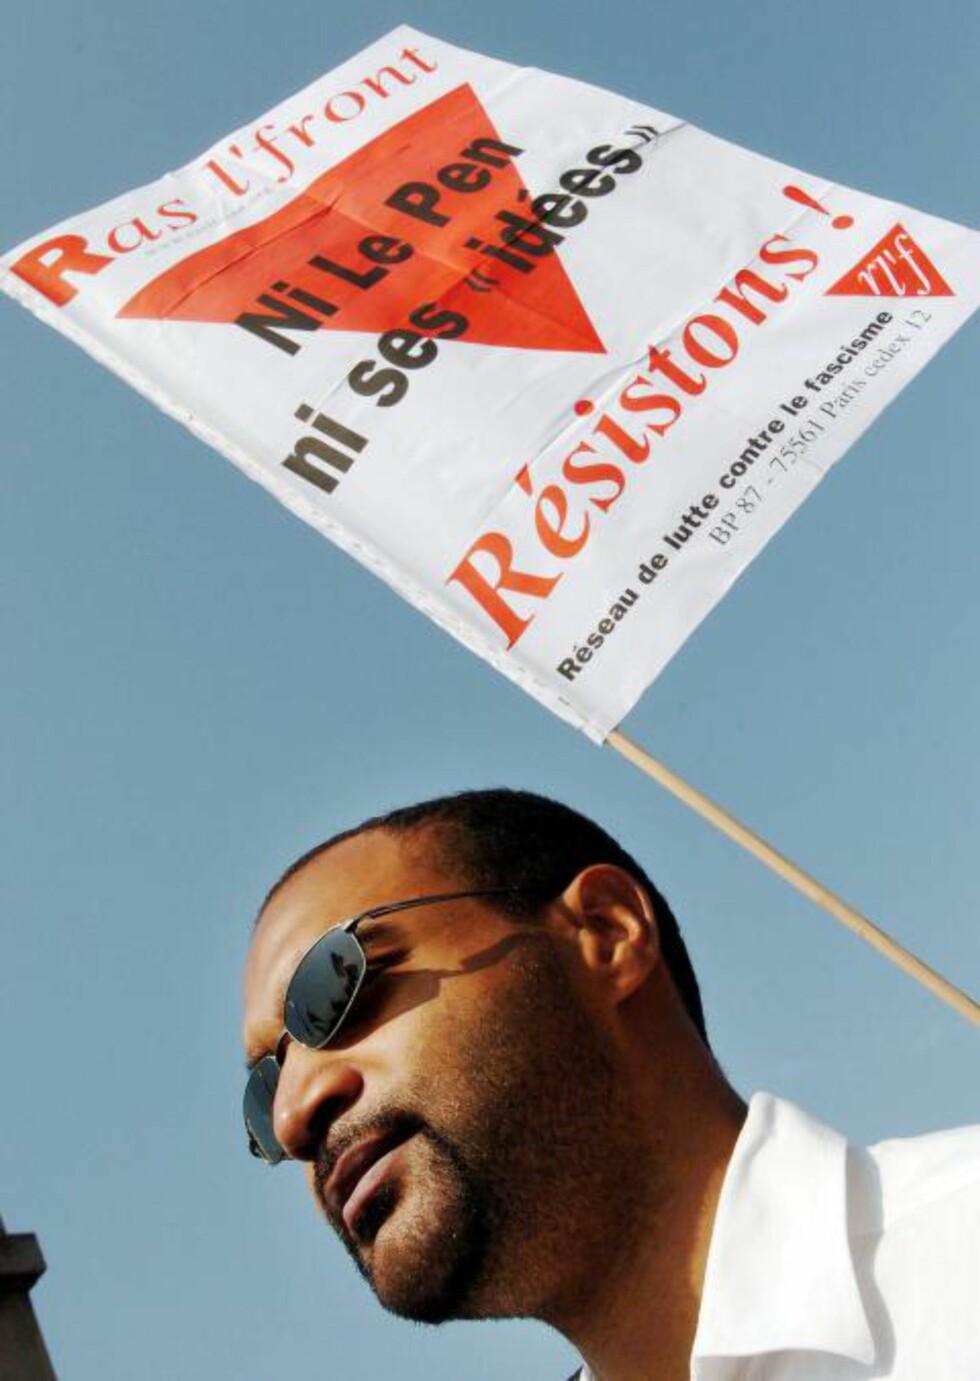 """KRASS KRITIKK: Dominique Sopo leder SOS Racisme. Den franske organisasjonen regnes som forgjengeren til de andre europeiske SOS Rasisme-bevegelsene. På plakaten står det """"Ikke Le Pen, ikke hans ideer, gjør motstand"""". Foto: JEAN AYISSI/AFP"""